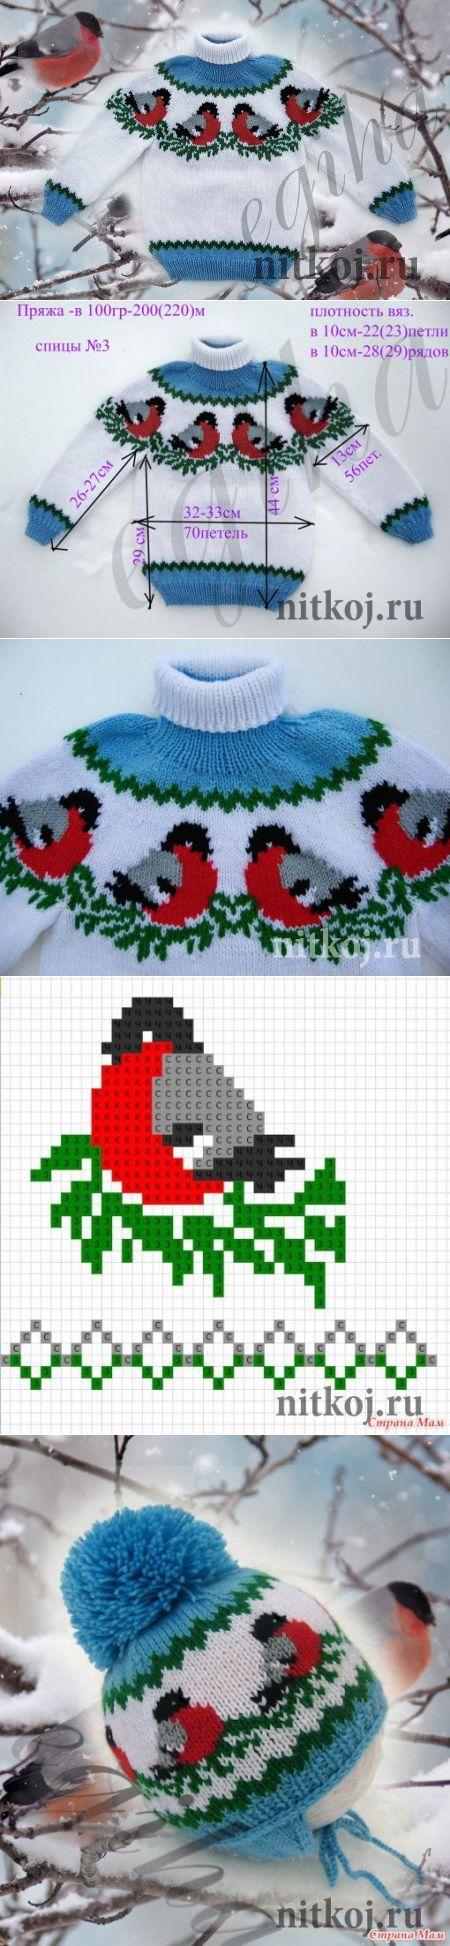 Детский свитер спицами 'снегири на снегу' » ниткой вязаные вещи.